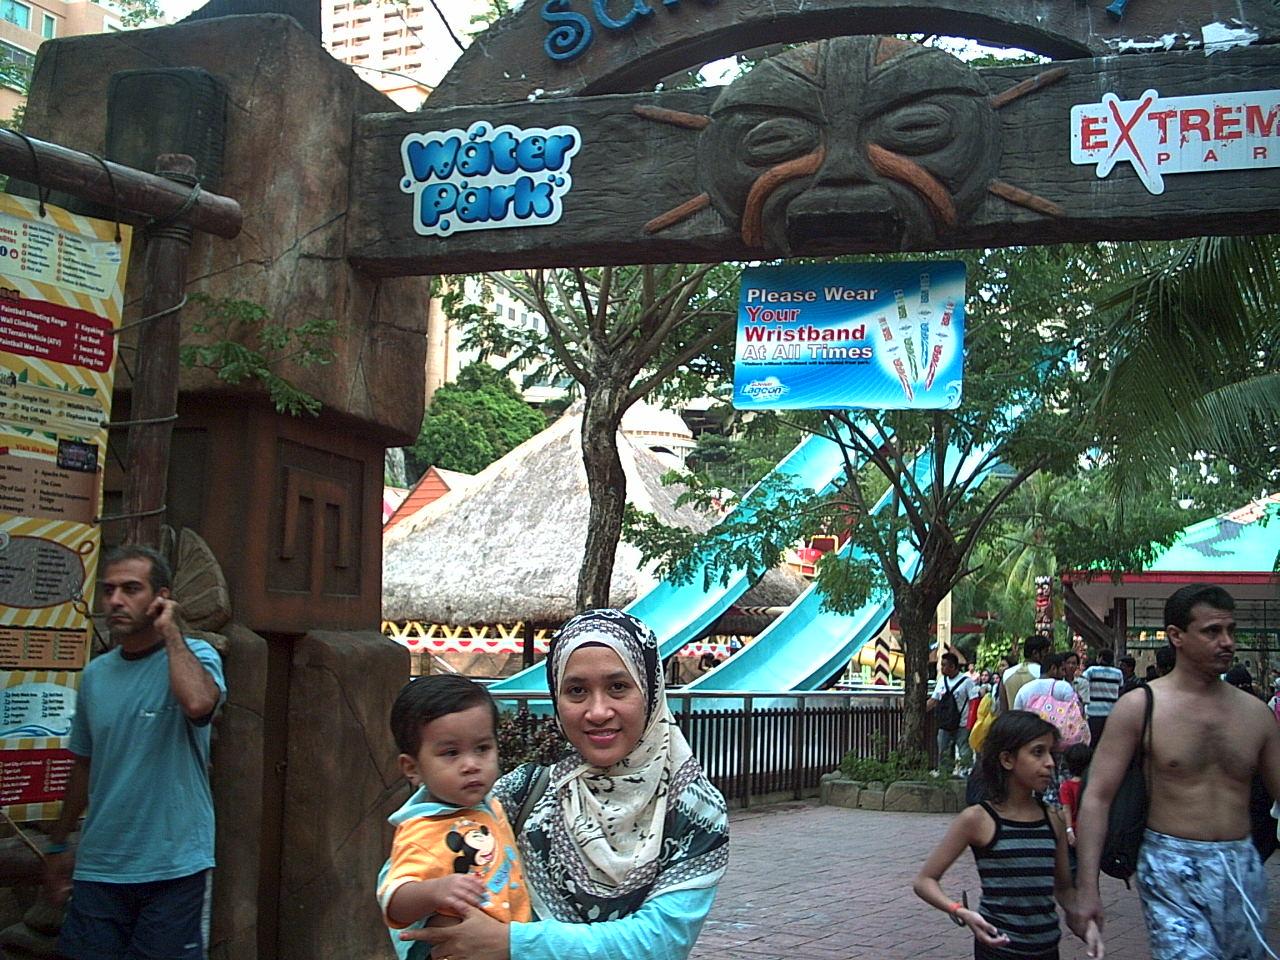 Theme park di subang jaya apa yang ada di sunway lagoon entahlah yang